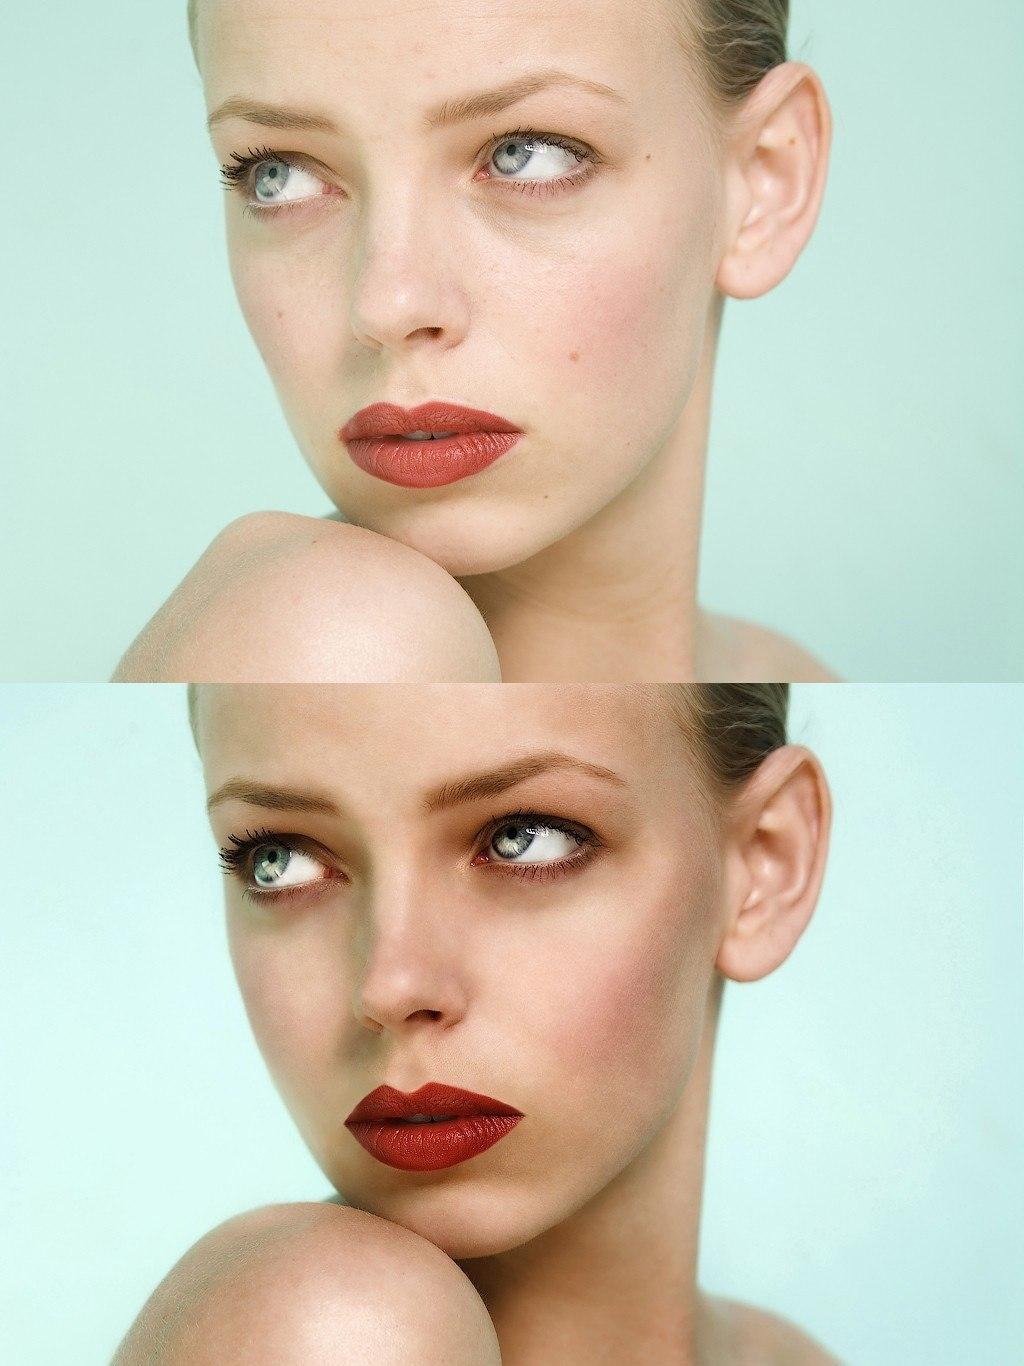 Фотошоп сделать кожу как в журналах